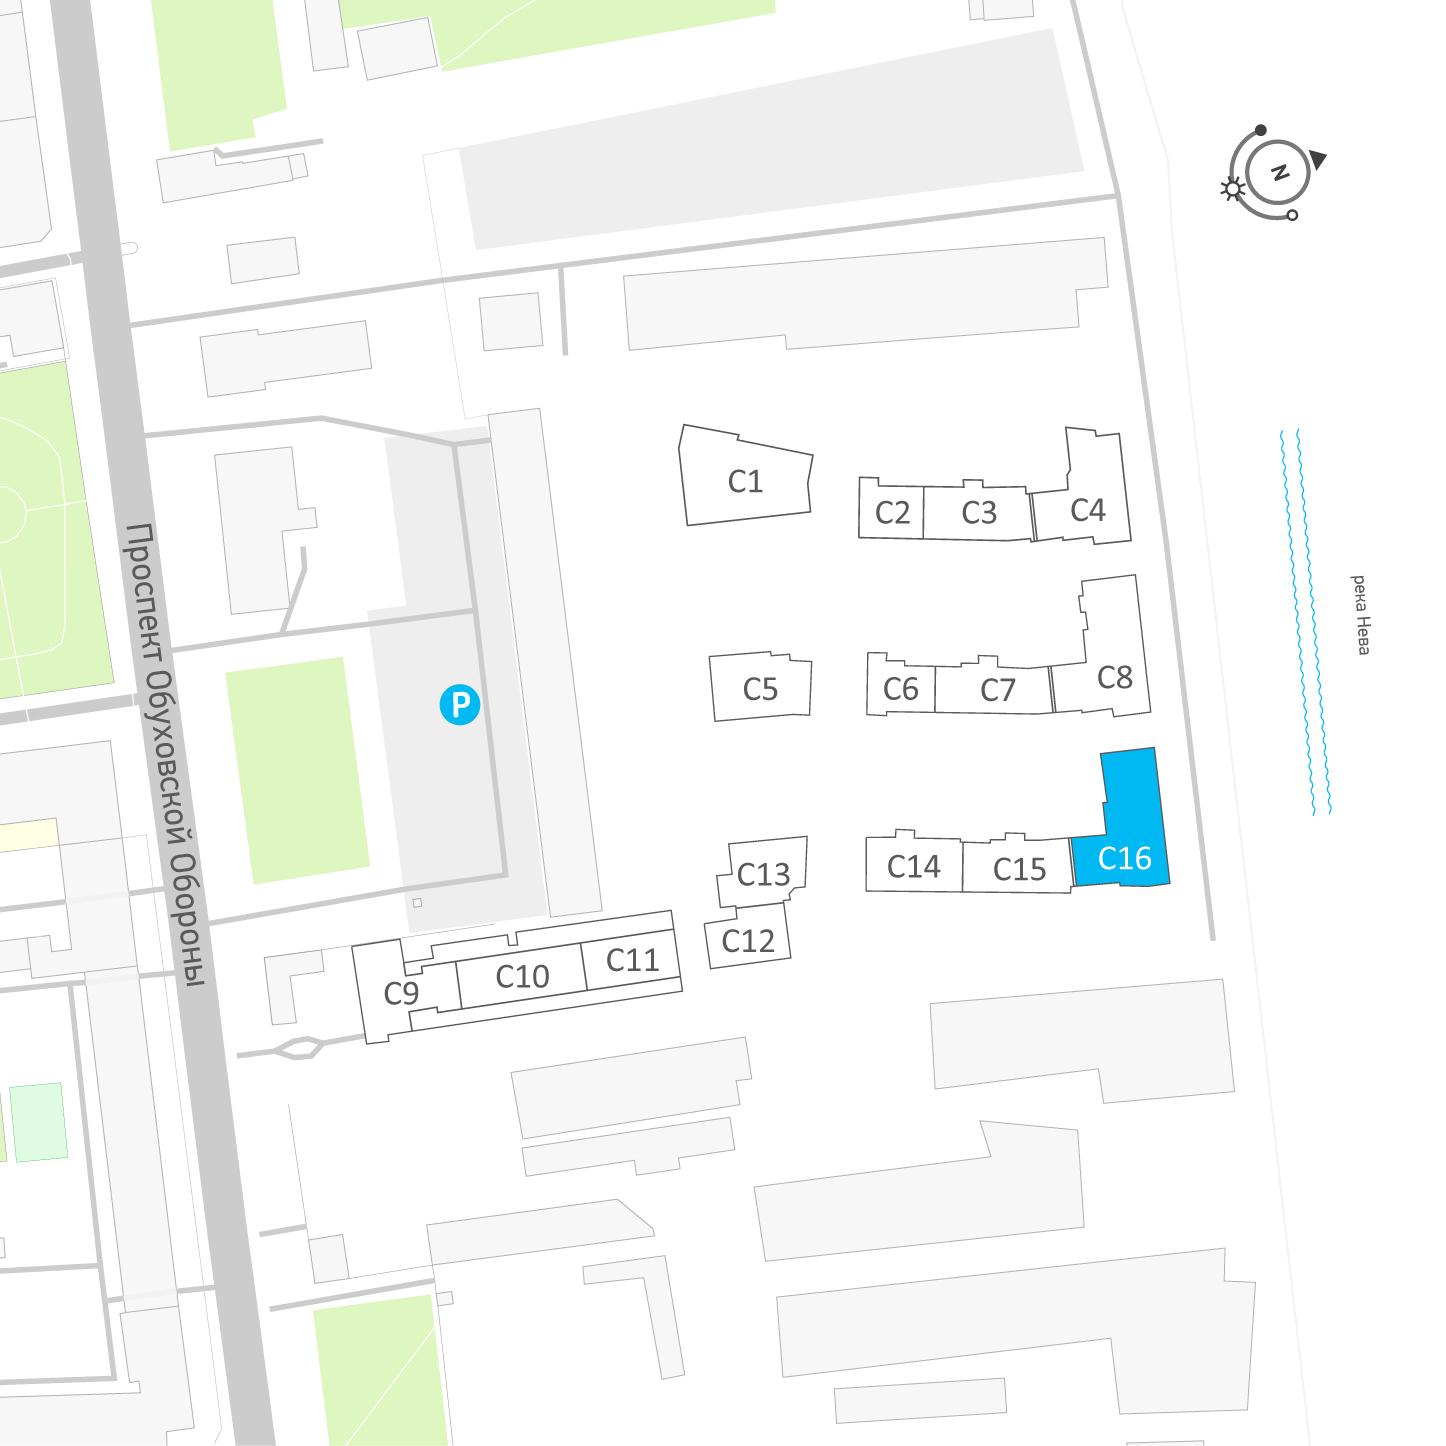 планировка четырехкомнатной квартиры в ЖК «Эталон на Неве» №405